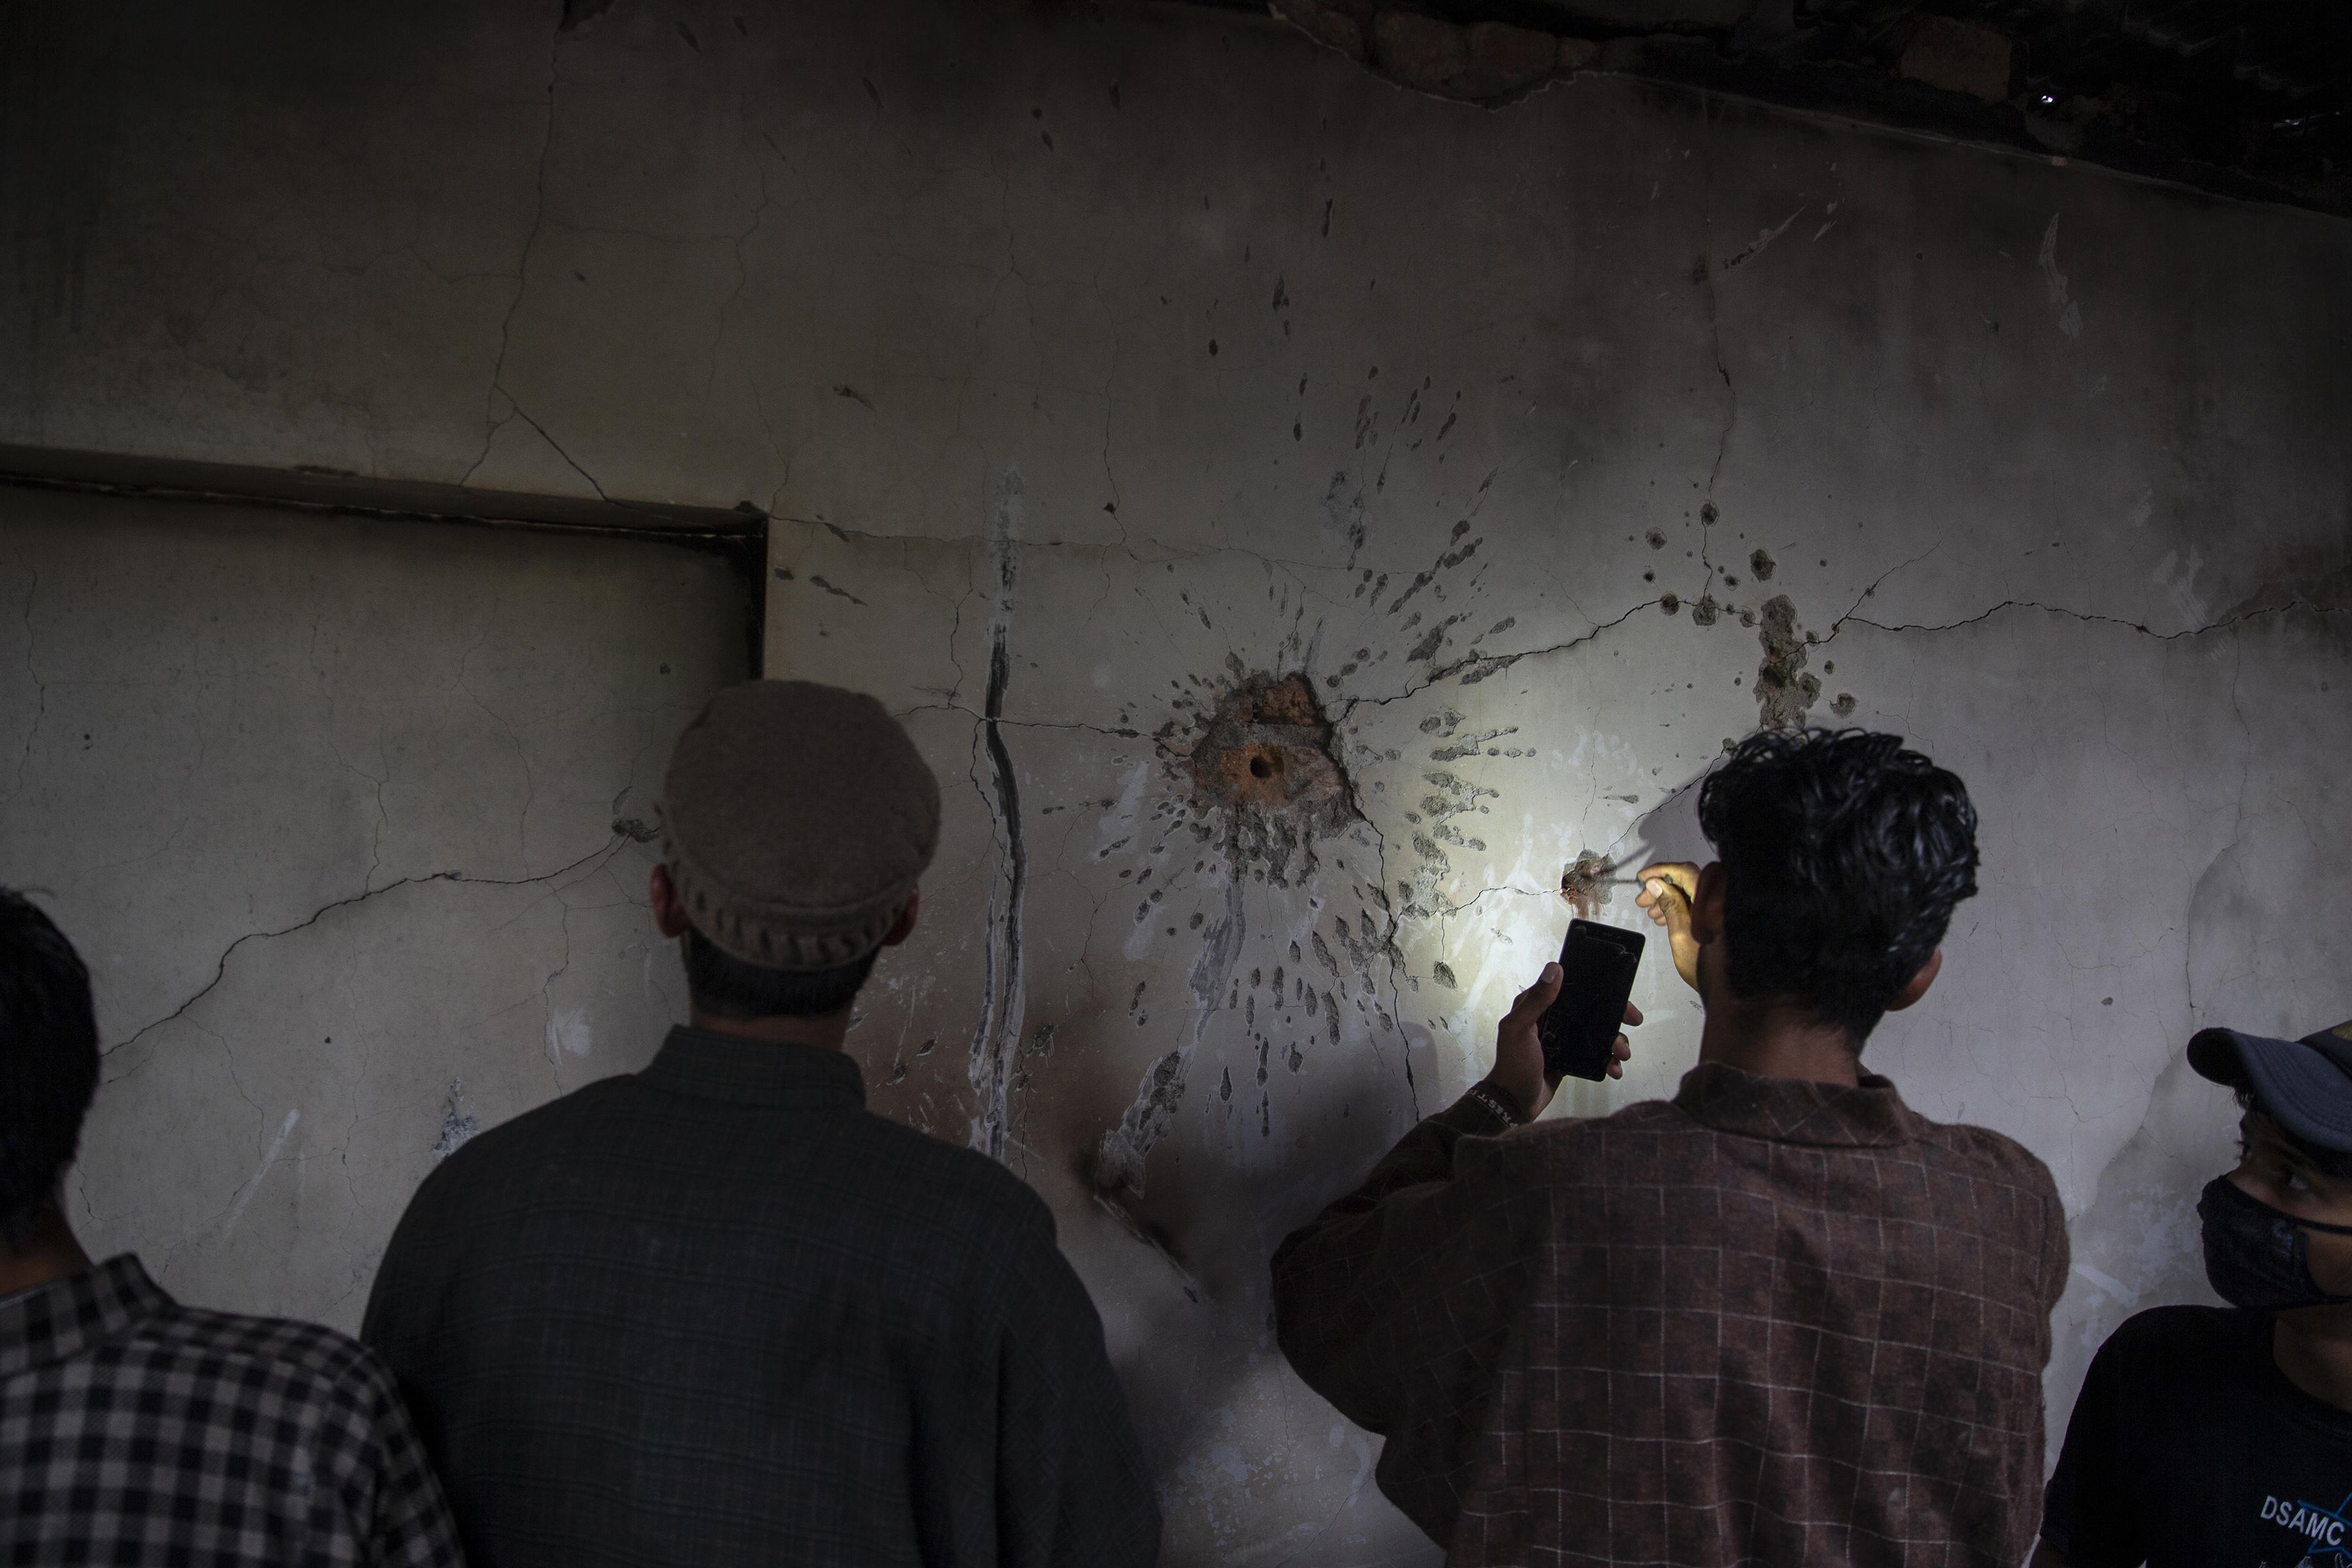 Un niño de Cachemira intenta sacar una bala de la pared de una casa dañada después de un tiroteo en Tral, al sur de Srinagar, Cachemira, el 24 de mayo de 2019. (Foto AP / Dar Yasin)